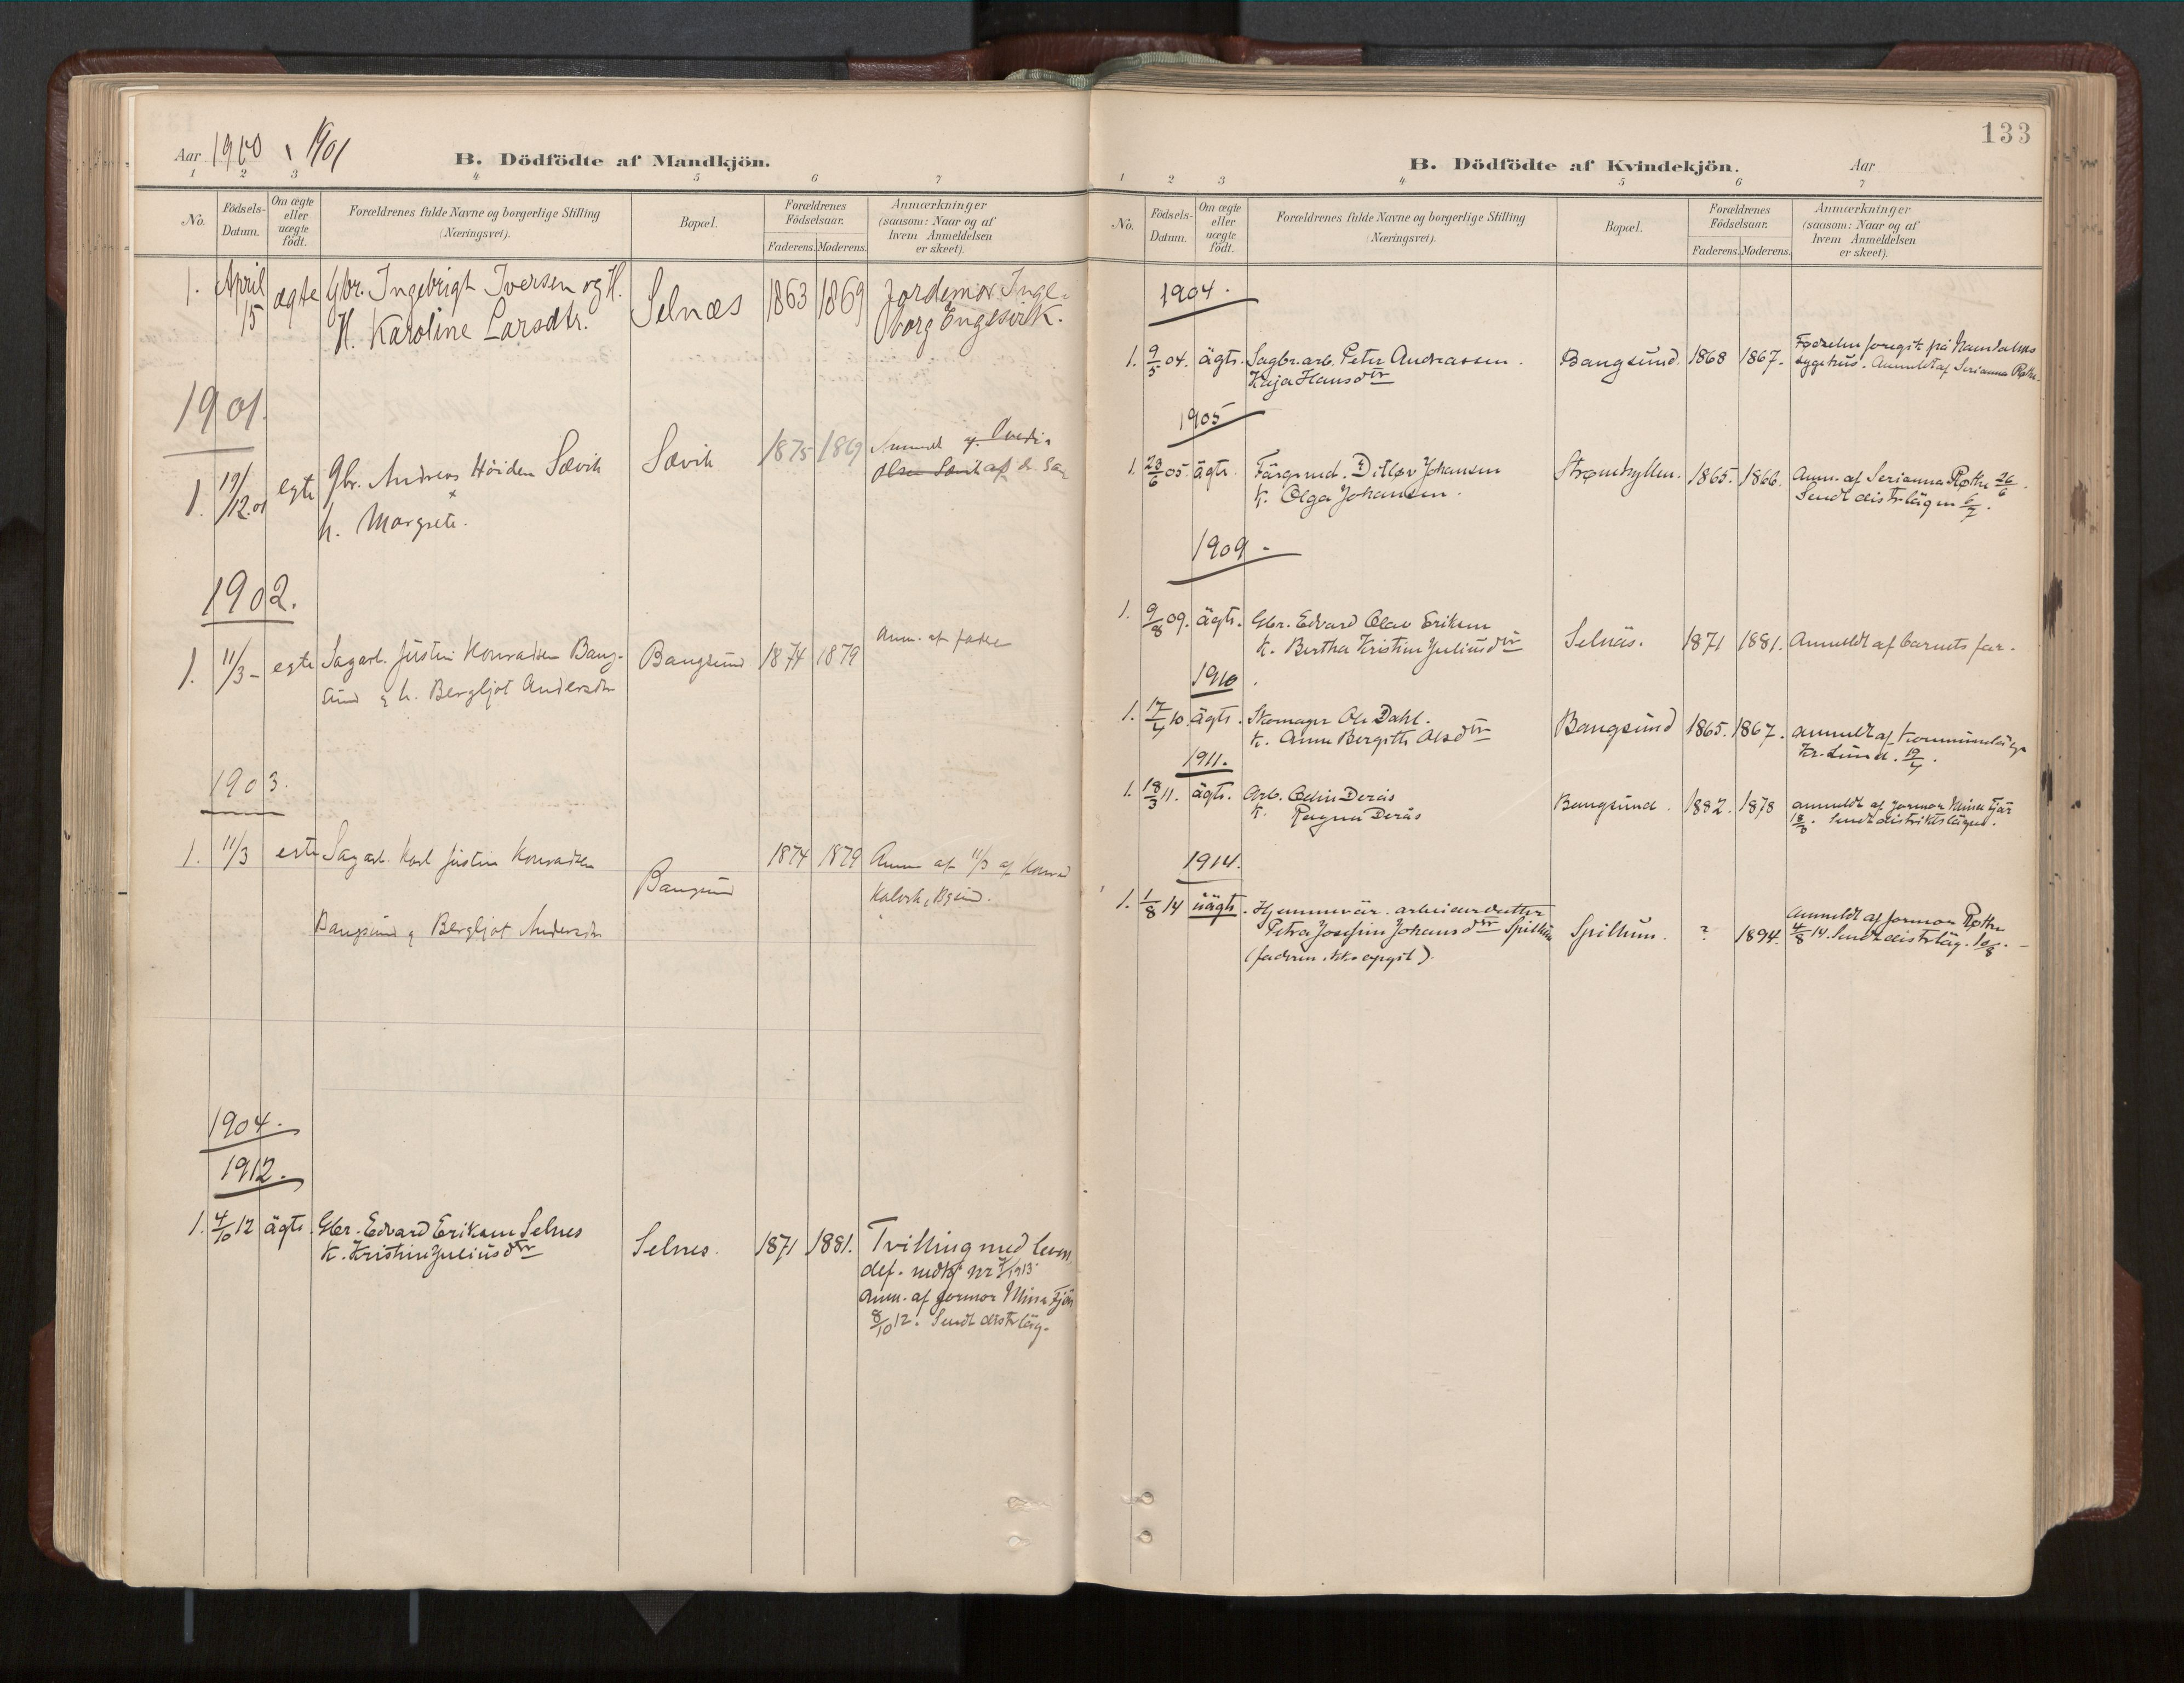 SAT, Ministerialprotokoller, klokkerbøker og fødselsregistre - Nord-Trøndelag, 770/L0589: Ministerialbok nr. 770A03, 1887-1929, s. 133